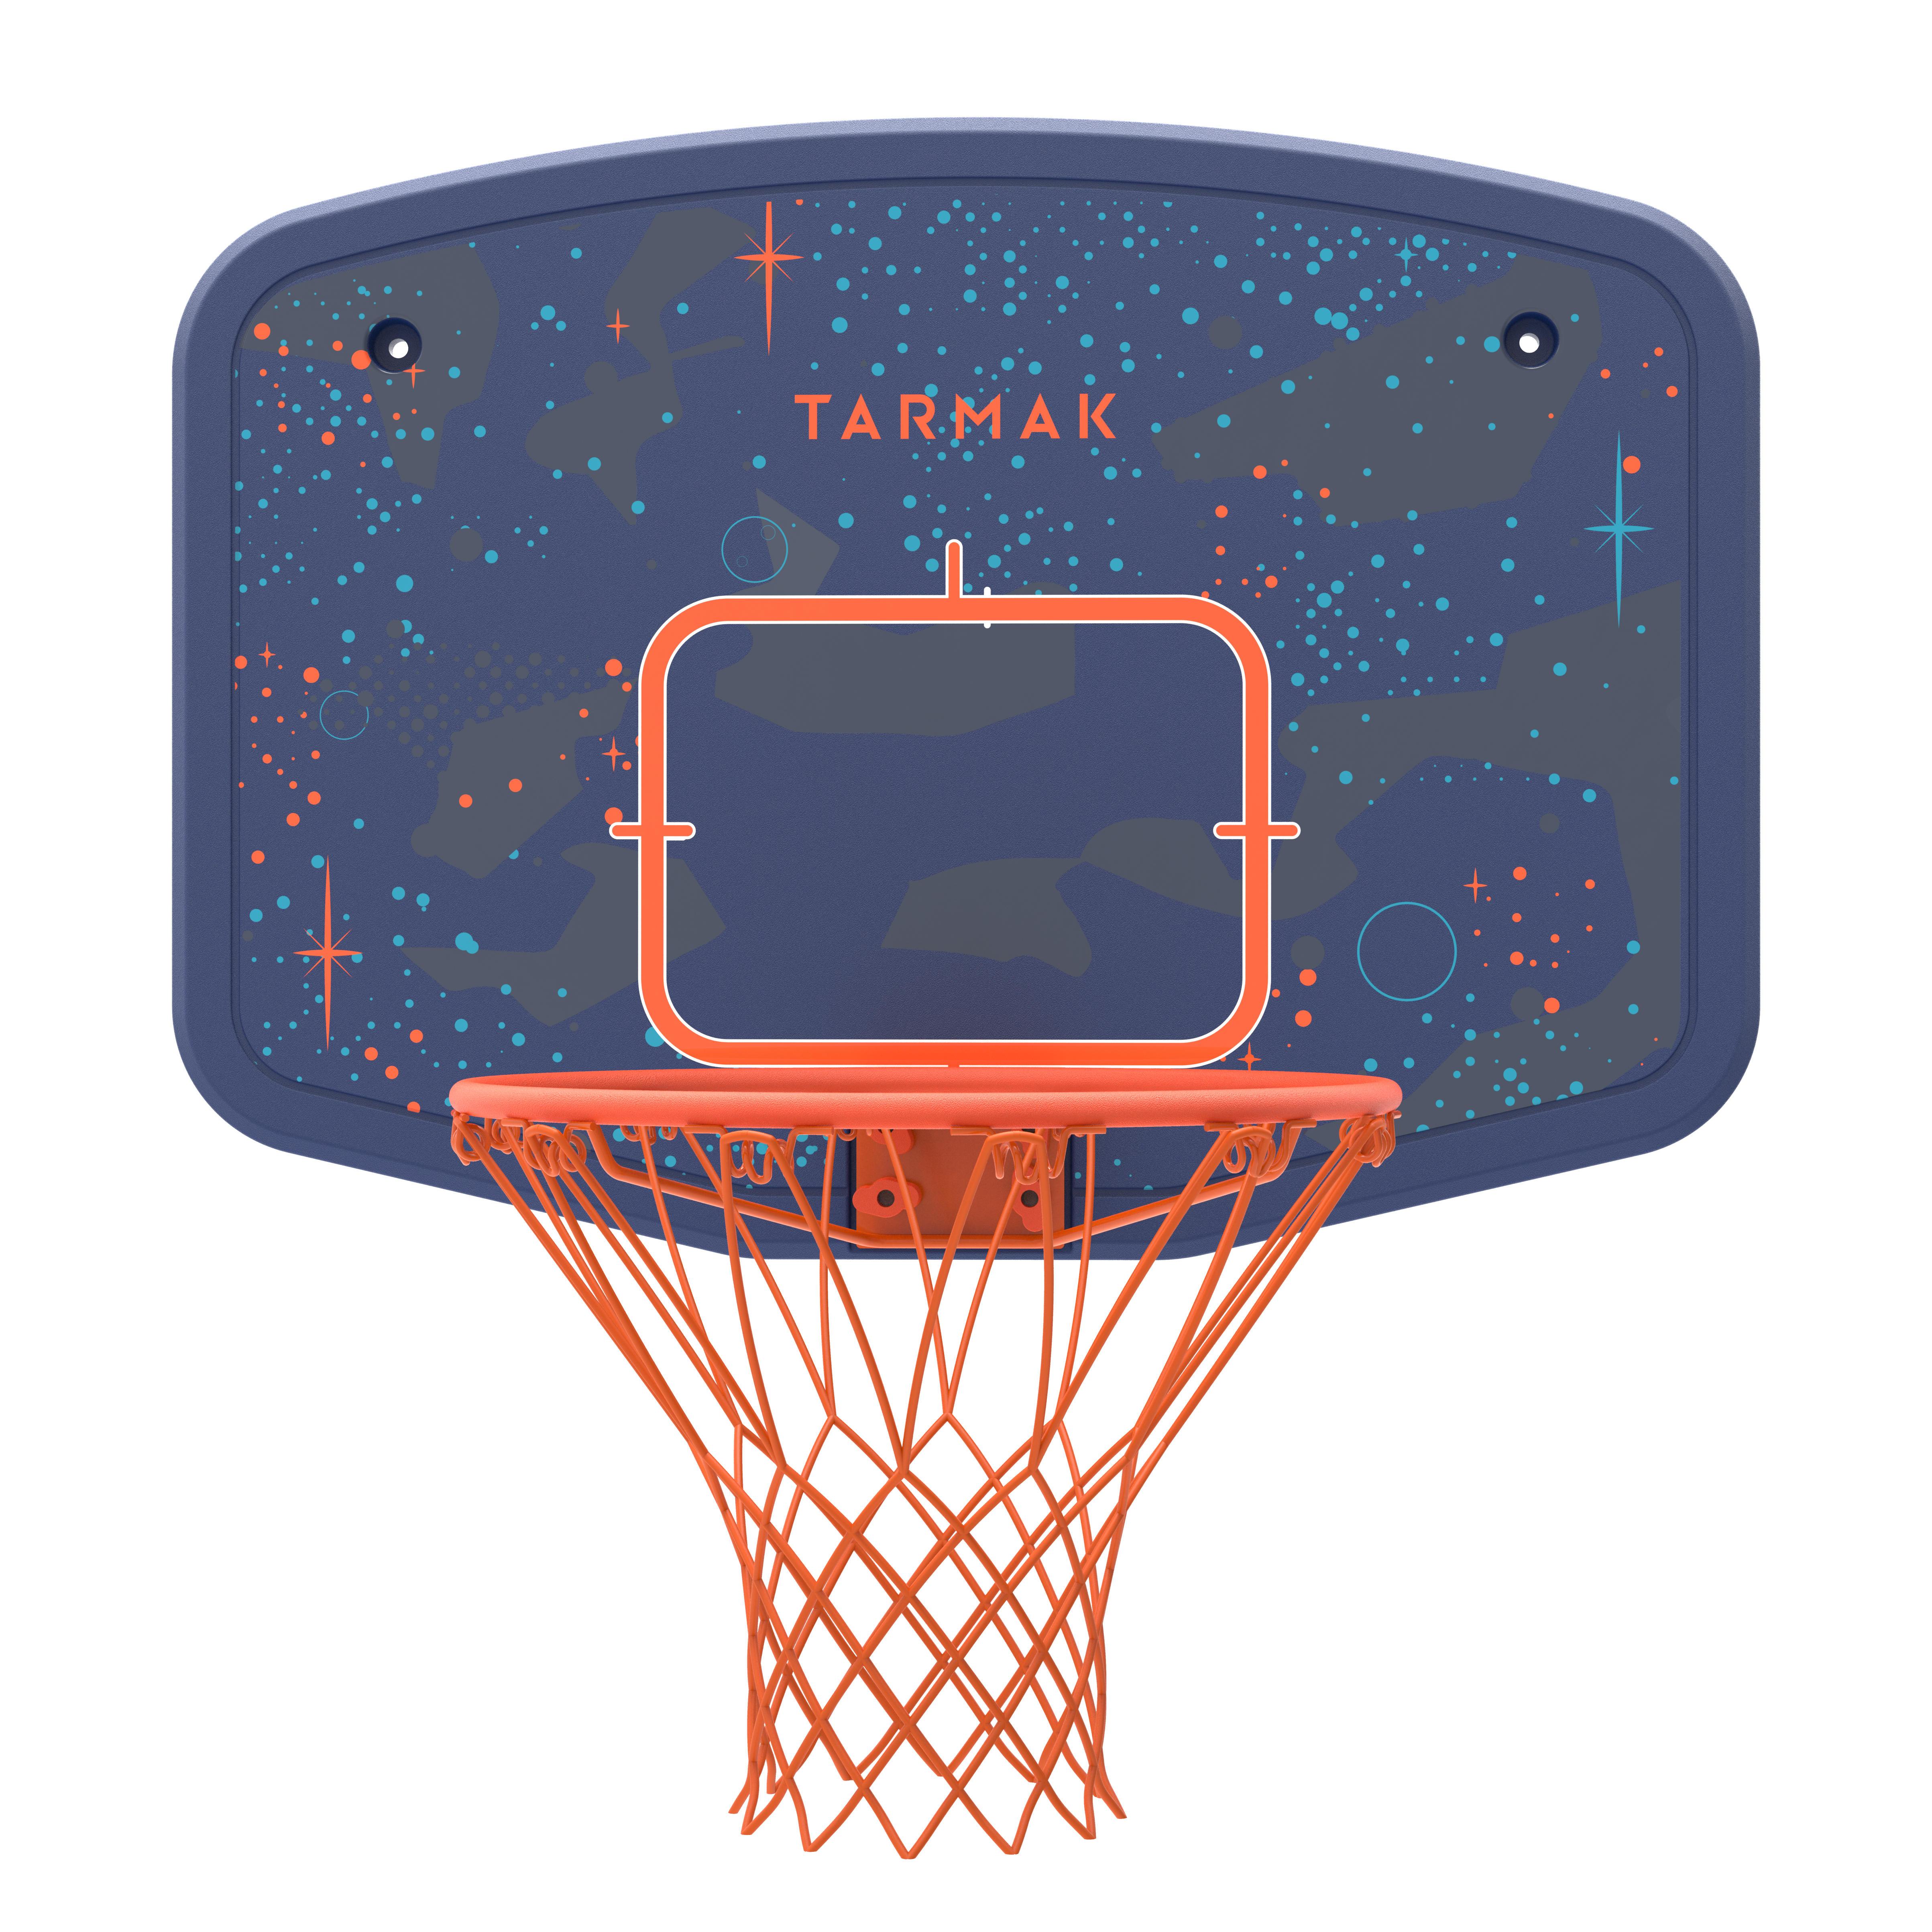 Panneau de basket enfant B200 EASY bleu espace. À fixer au mur. Jusqu'à 10 ans.